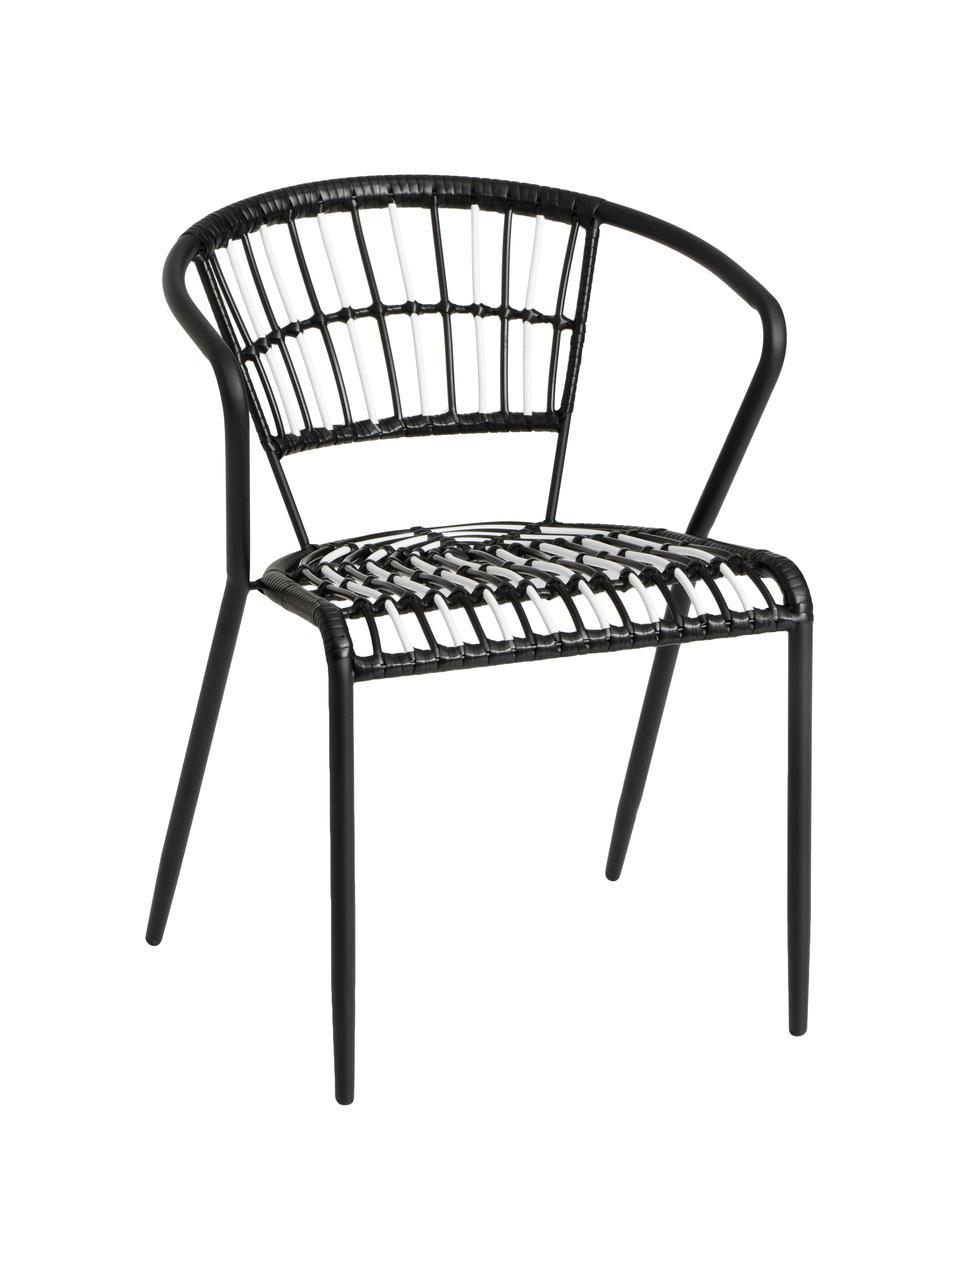 Krzesło ogrodowe Mati, Stelaż: metal lakierowany, Czarny, S 57 x G 57 cm